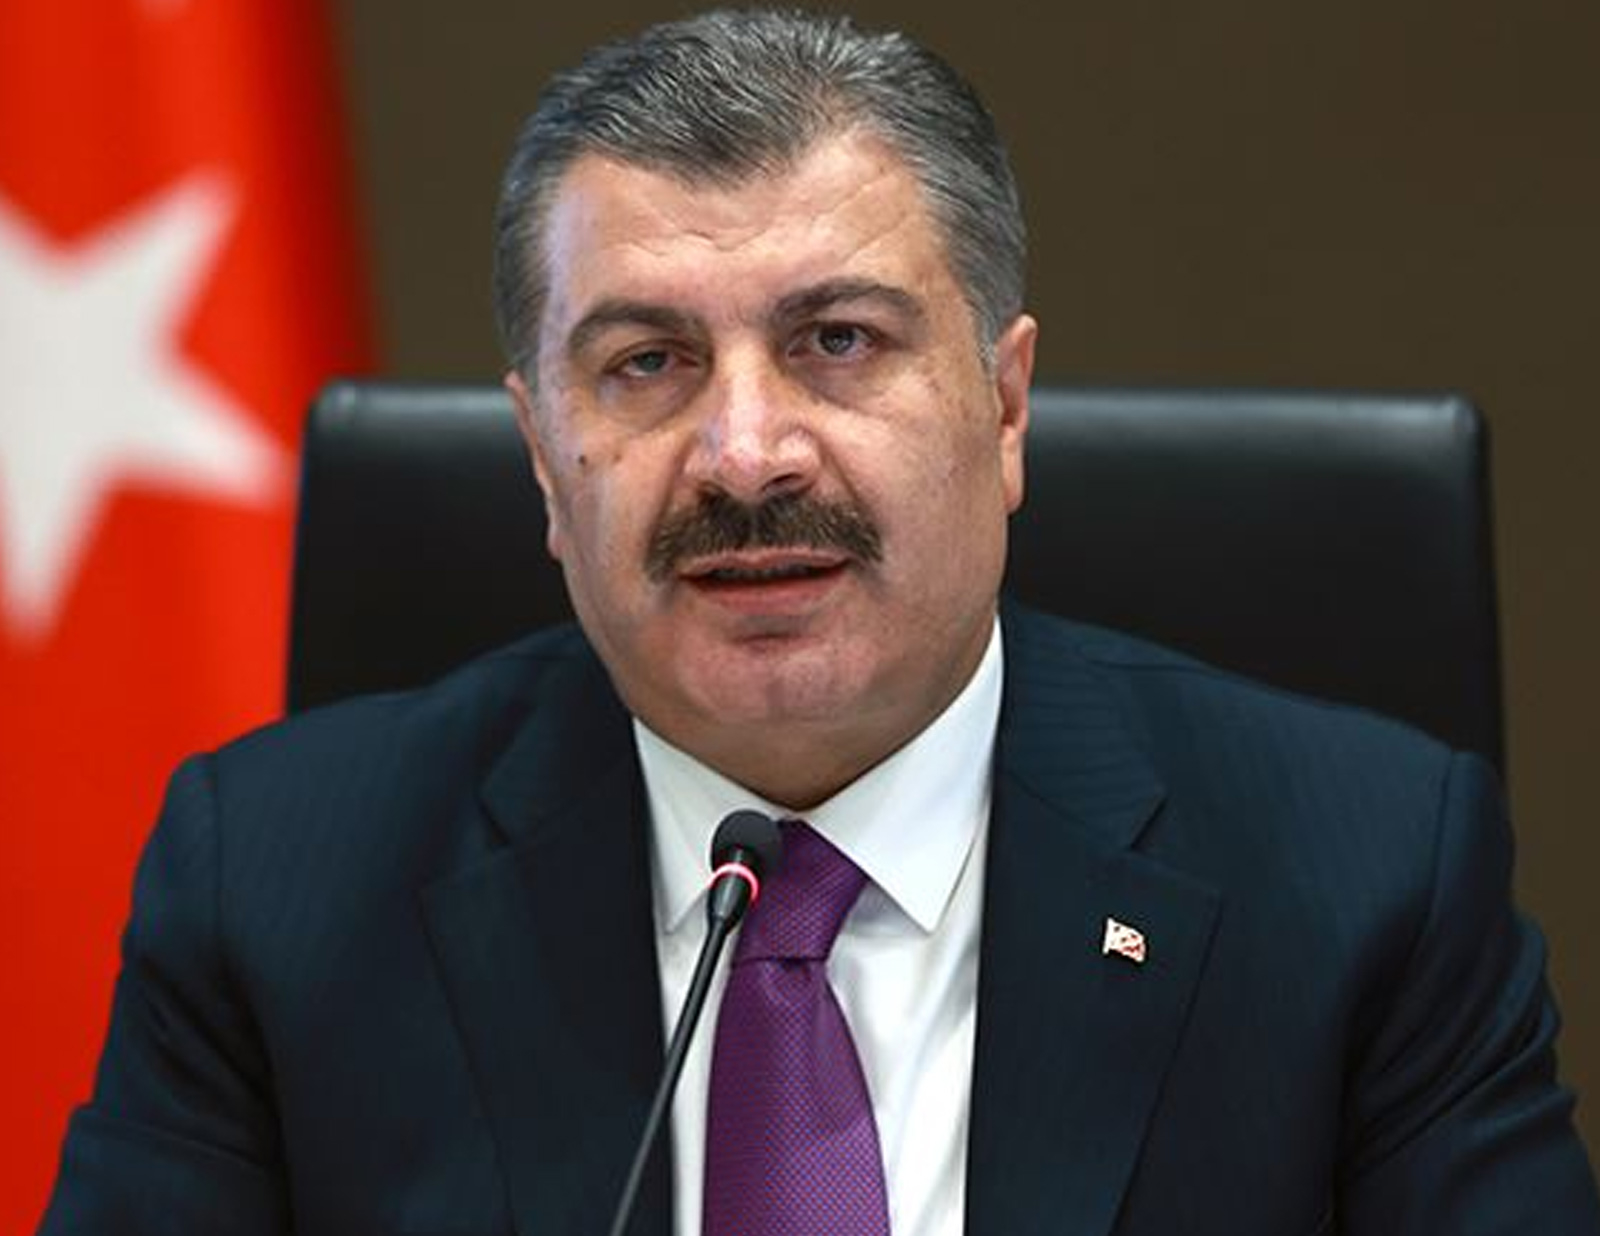 Sağlık Bakanı Fahrettin Koca'dan dikkat çeken paylaşım: Yatacak yerimiz de, verecek cevabımız da var